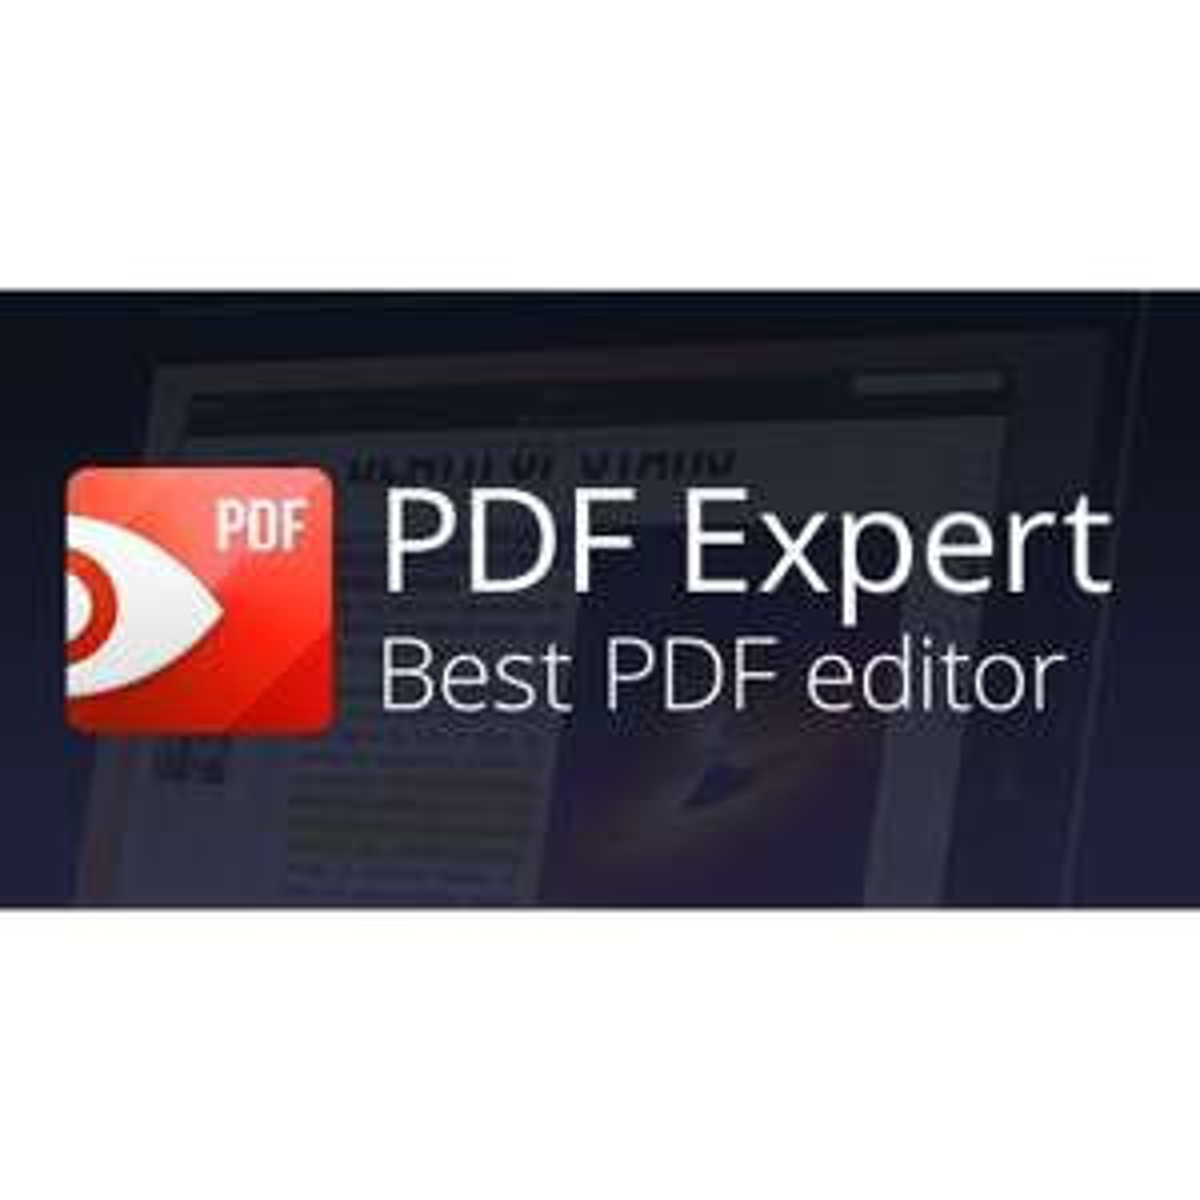 [iOS] PDF Expert von Readdle 50% Off 5,49€ statt 10,99€